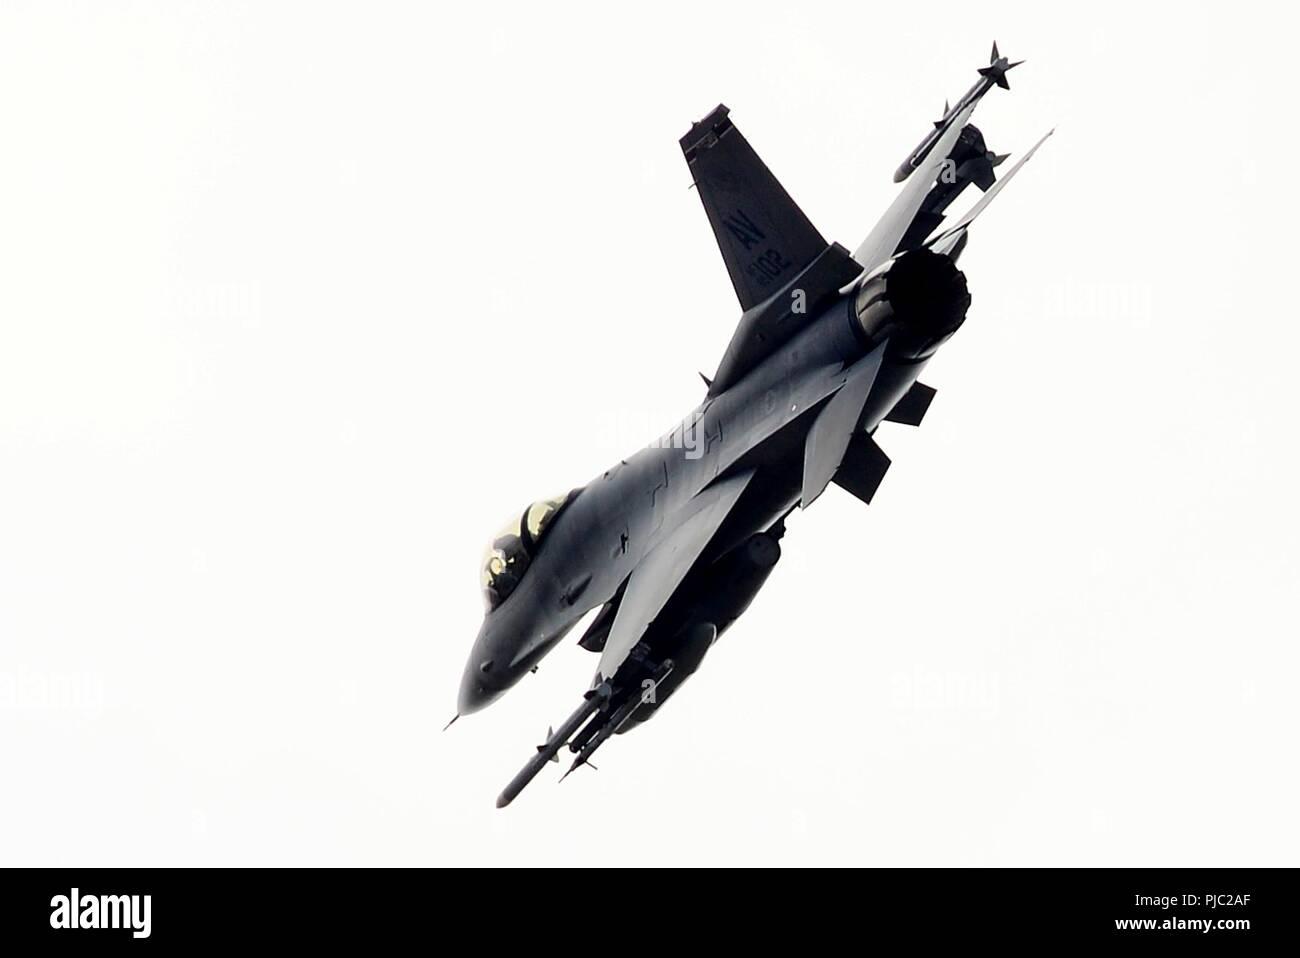 Un F-16C Fighting Falcon a partire dal trentunesimo Fighter Wing, 510th Fighter Squadron, la base aerea di Aviano, Italia vola sopra Royal Air Force Lakenheath, Inghilterra, 20 luglio 2018. Il 510th FS partecipano a un accordo bilaterale per l'evento di formazione per migliorare l'interoperabilità, mantenere la predisposizione comune e rassicurare i nostri regionali di alleati e partner. Foto Stock